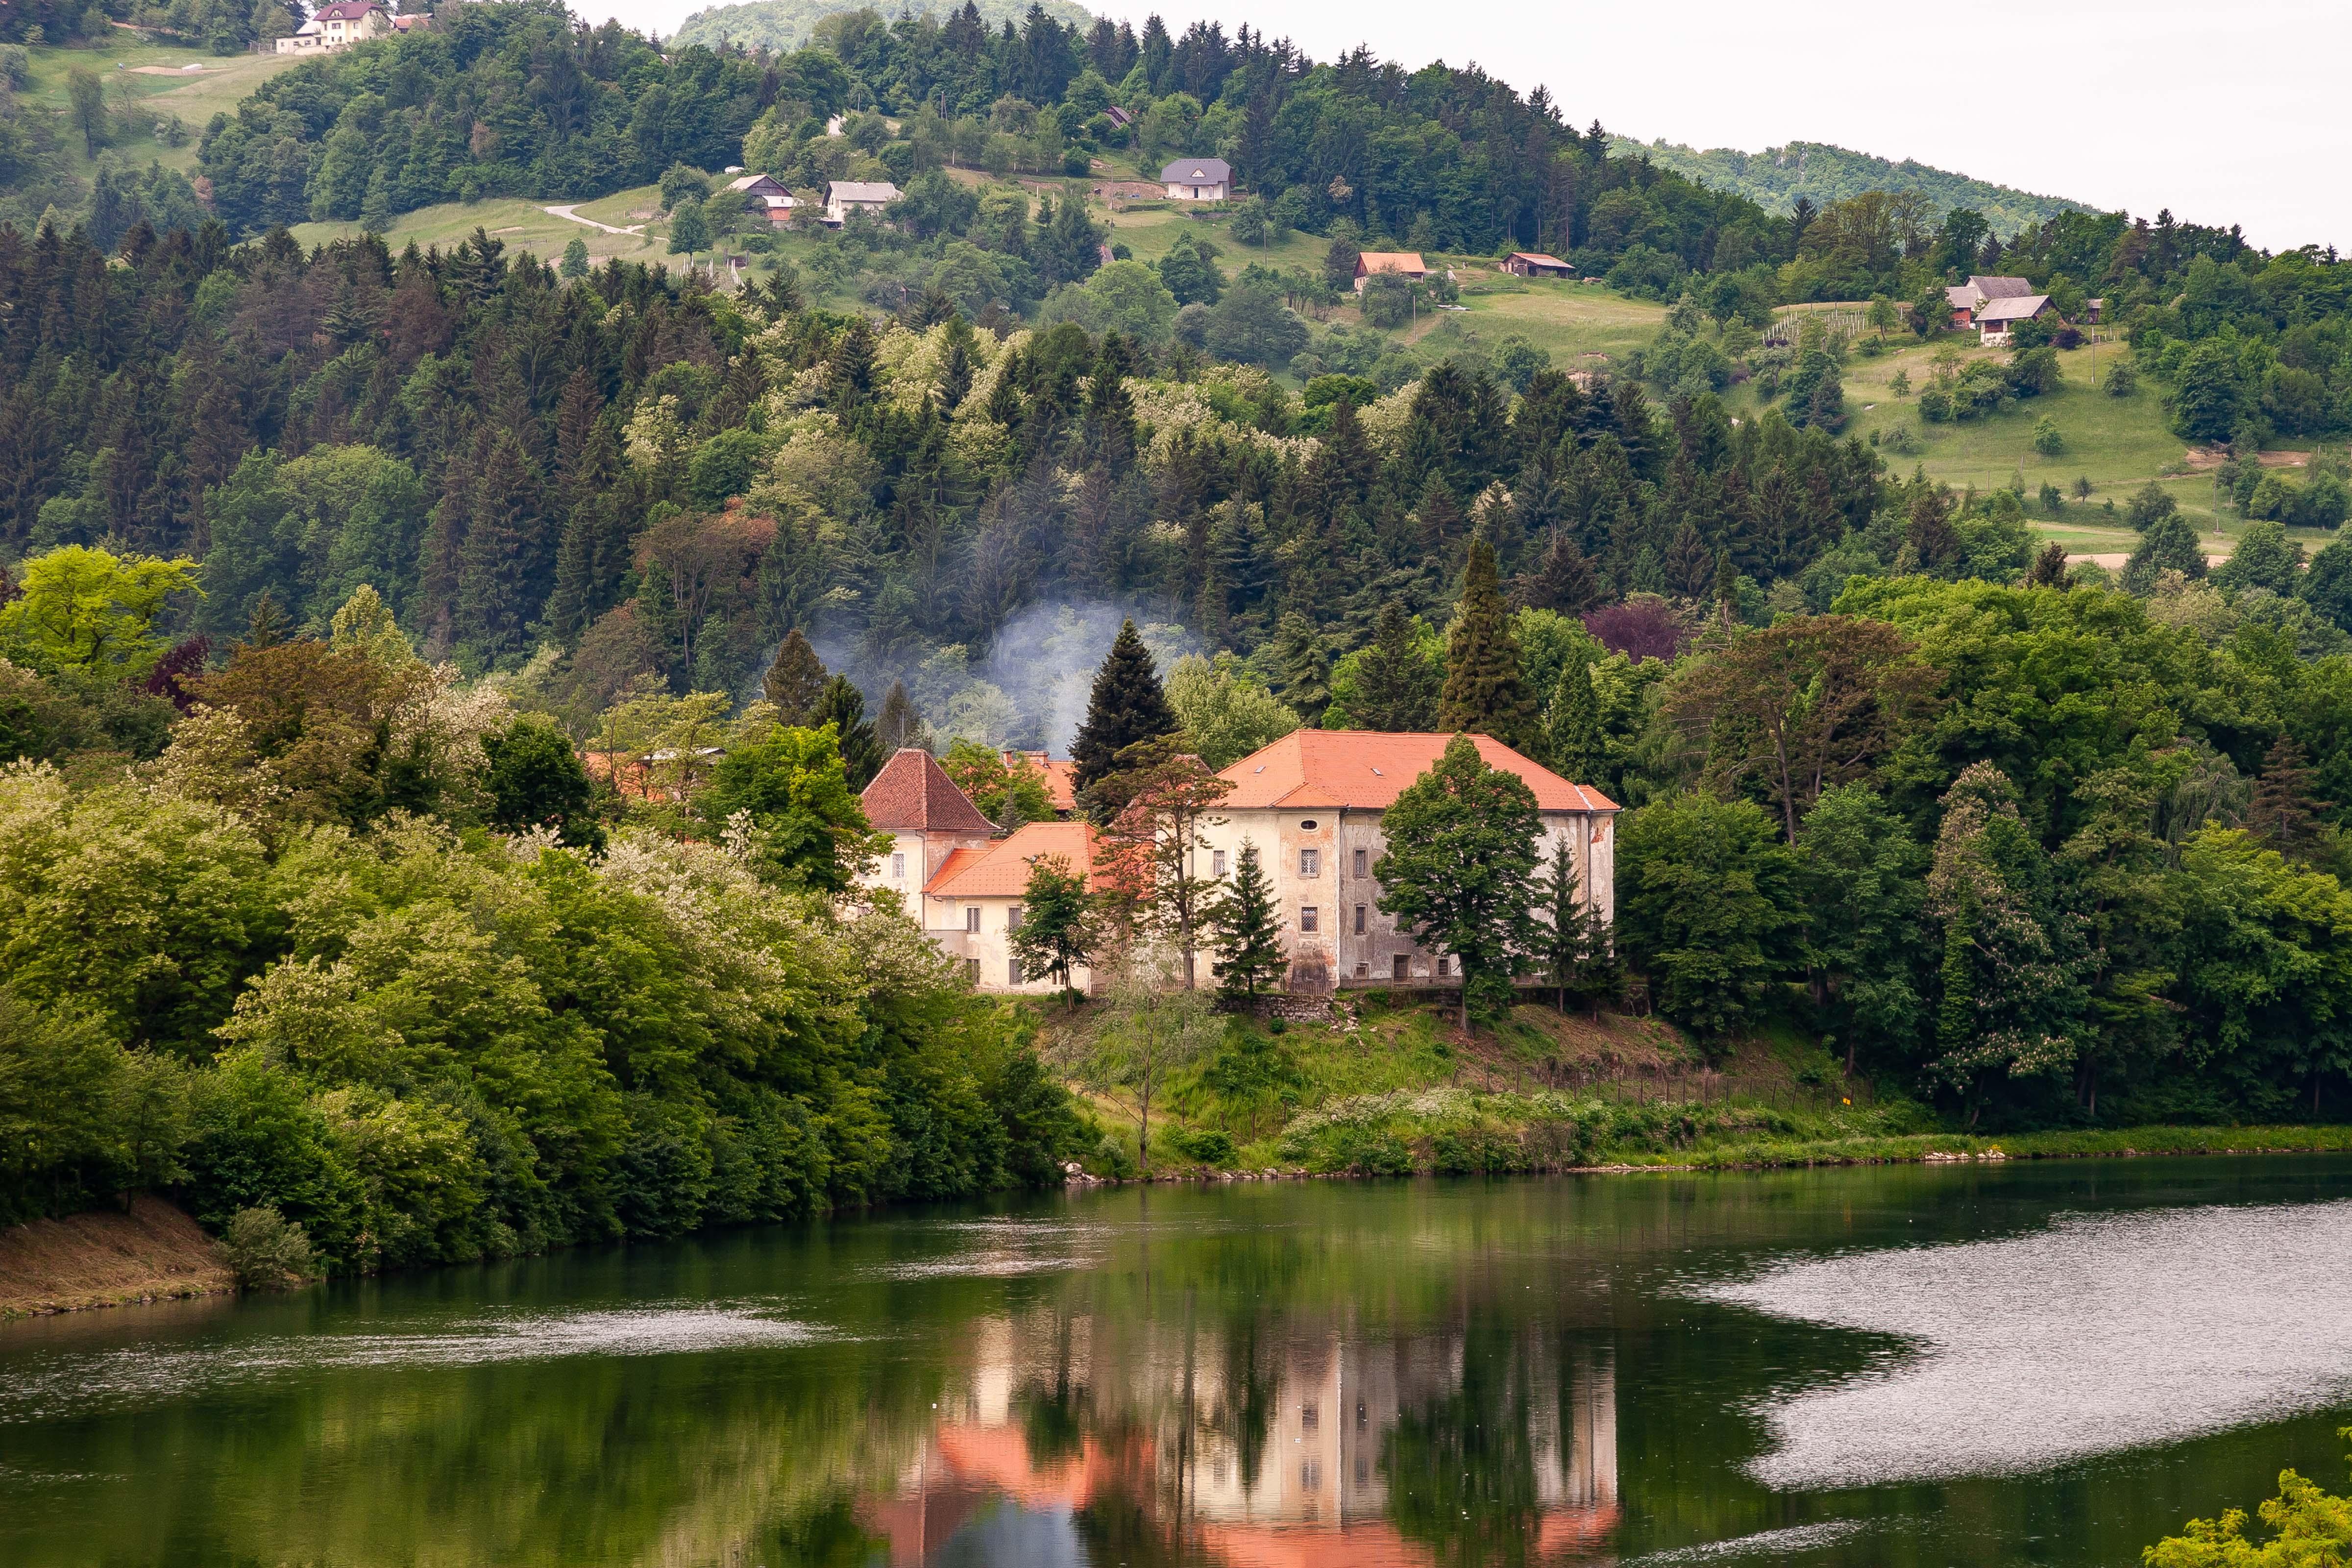 Slovenia, Sevnica Prov, House By River, 2006, IMG 7692